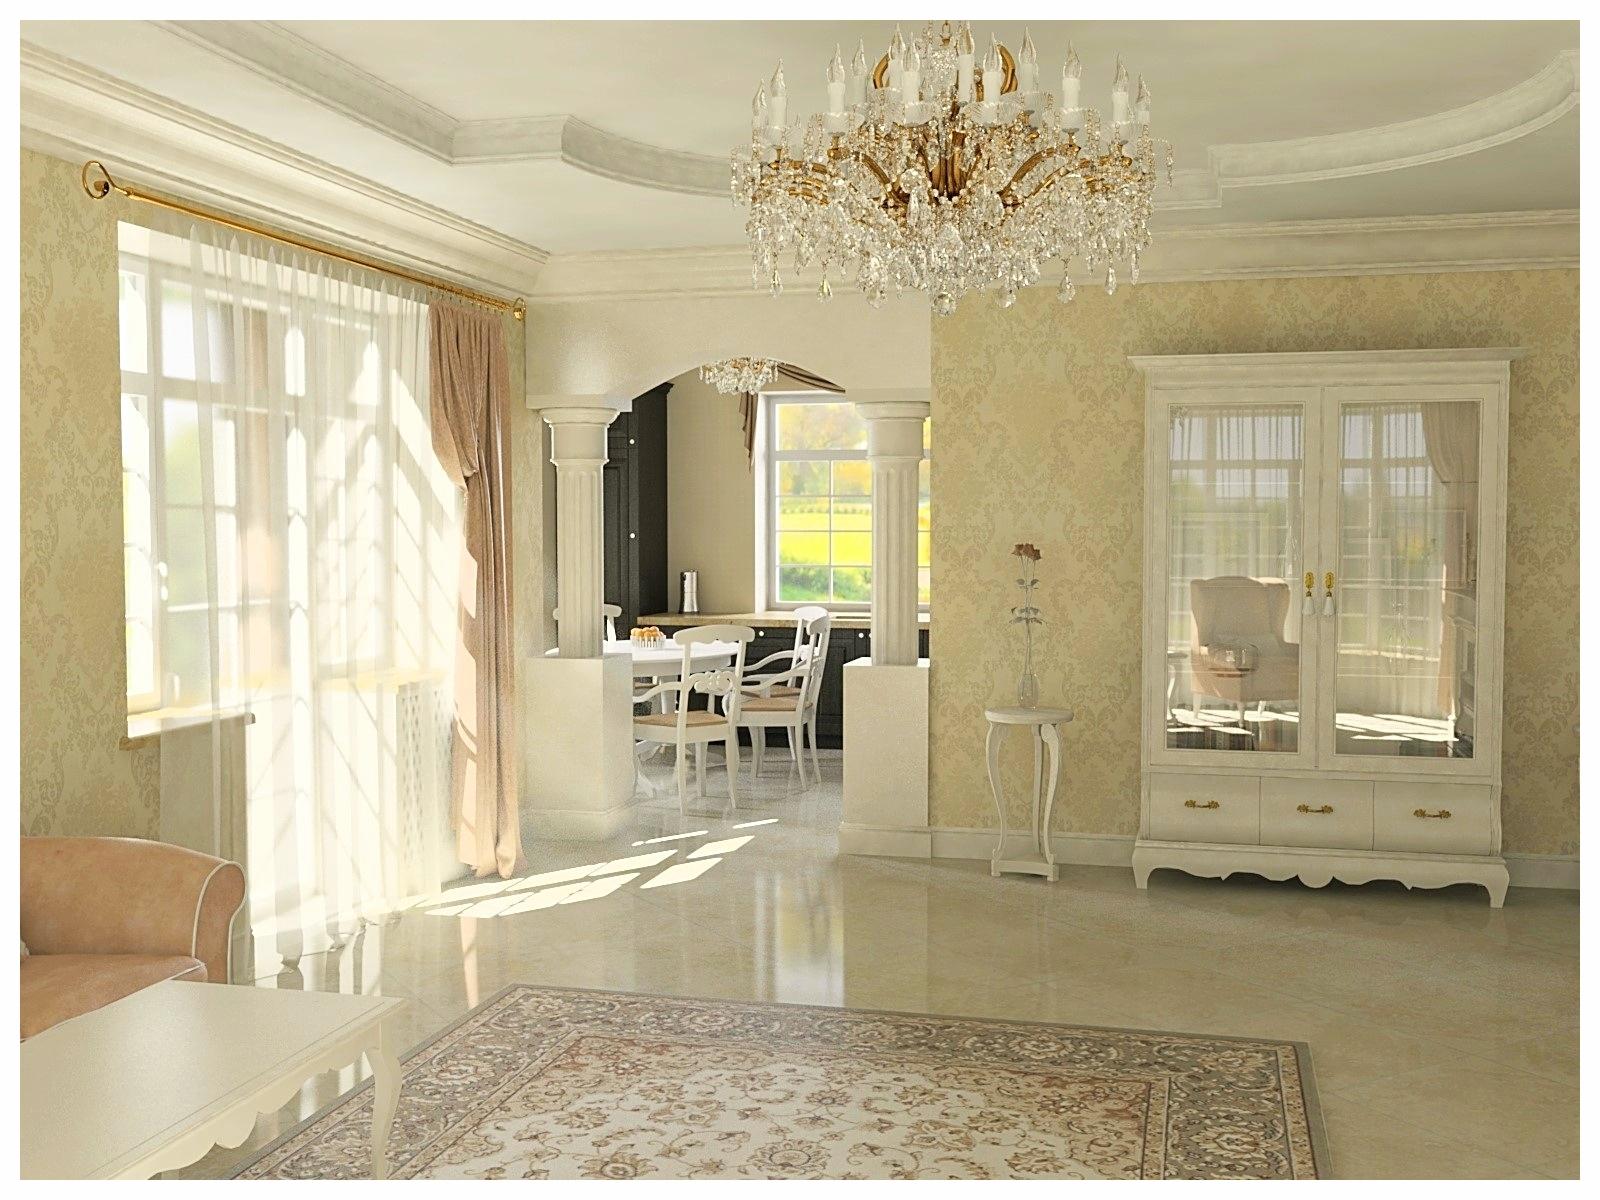 Дизайн интерьеров дома в классическом стиле. Гостиная 1.